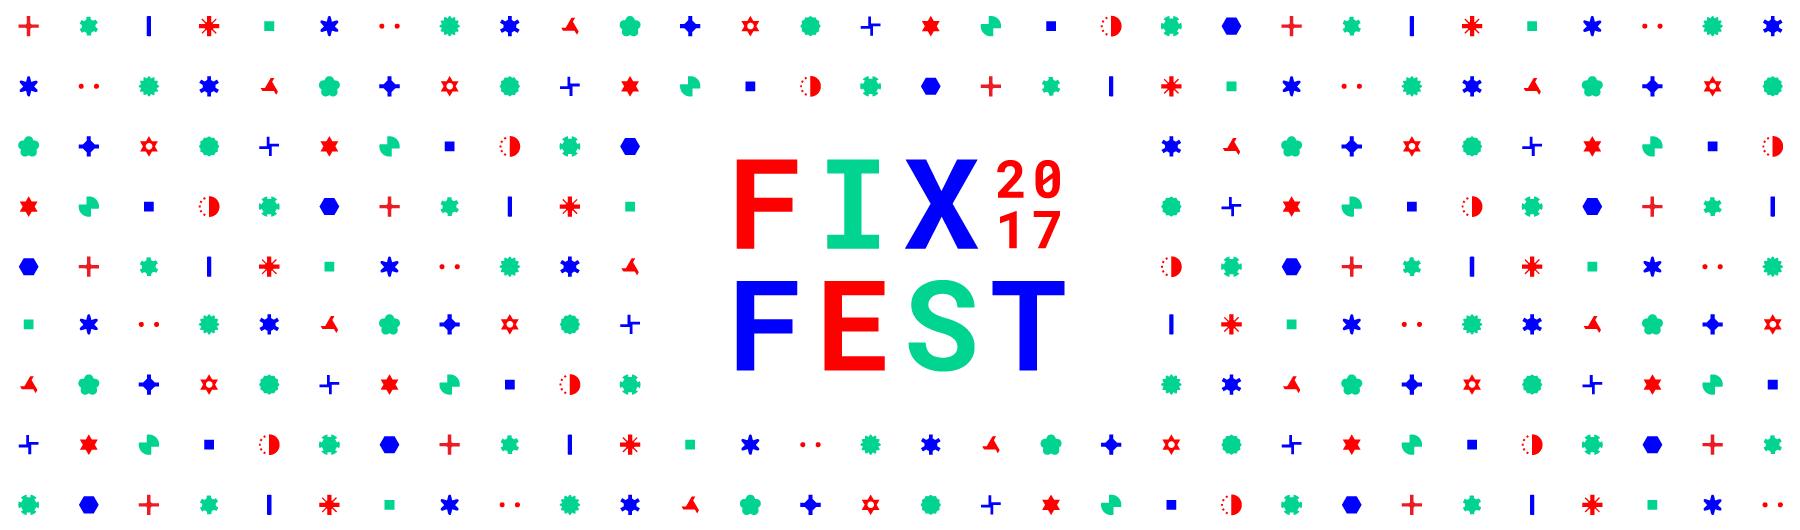 Fixfest 2017